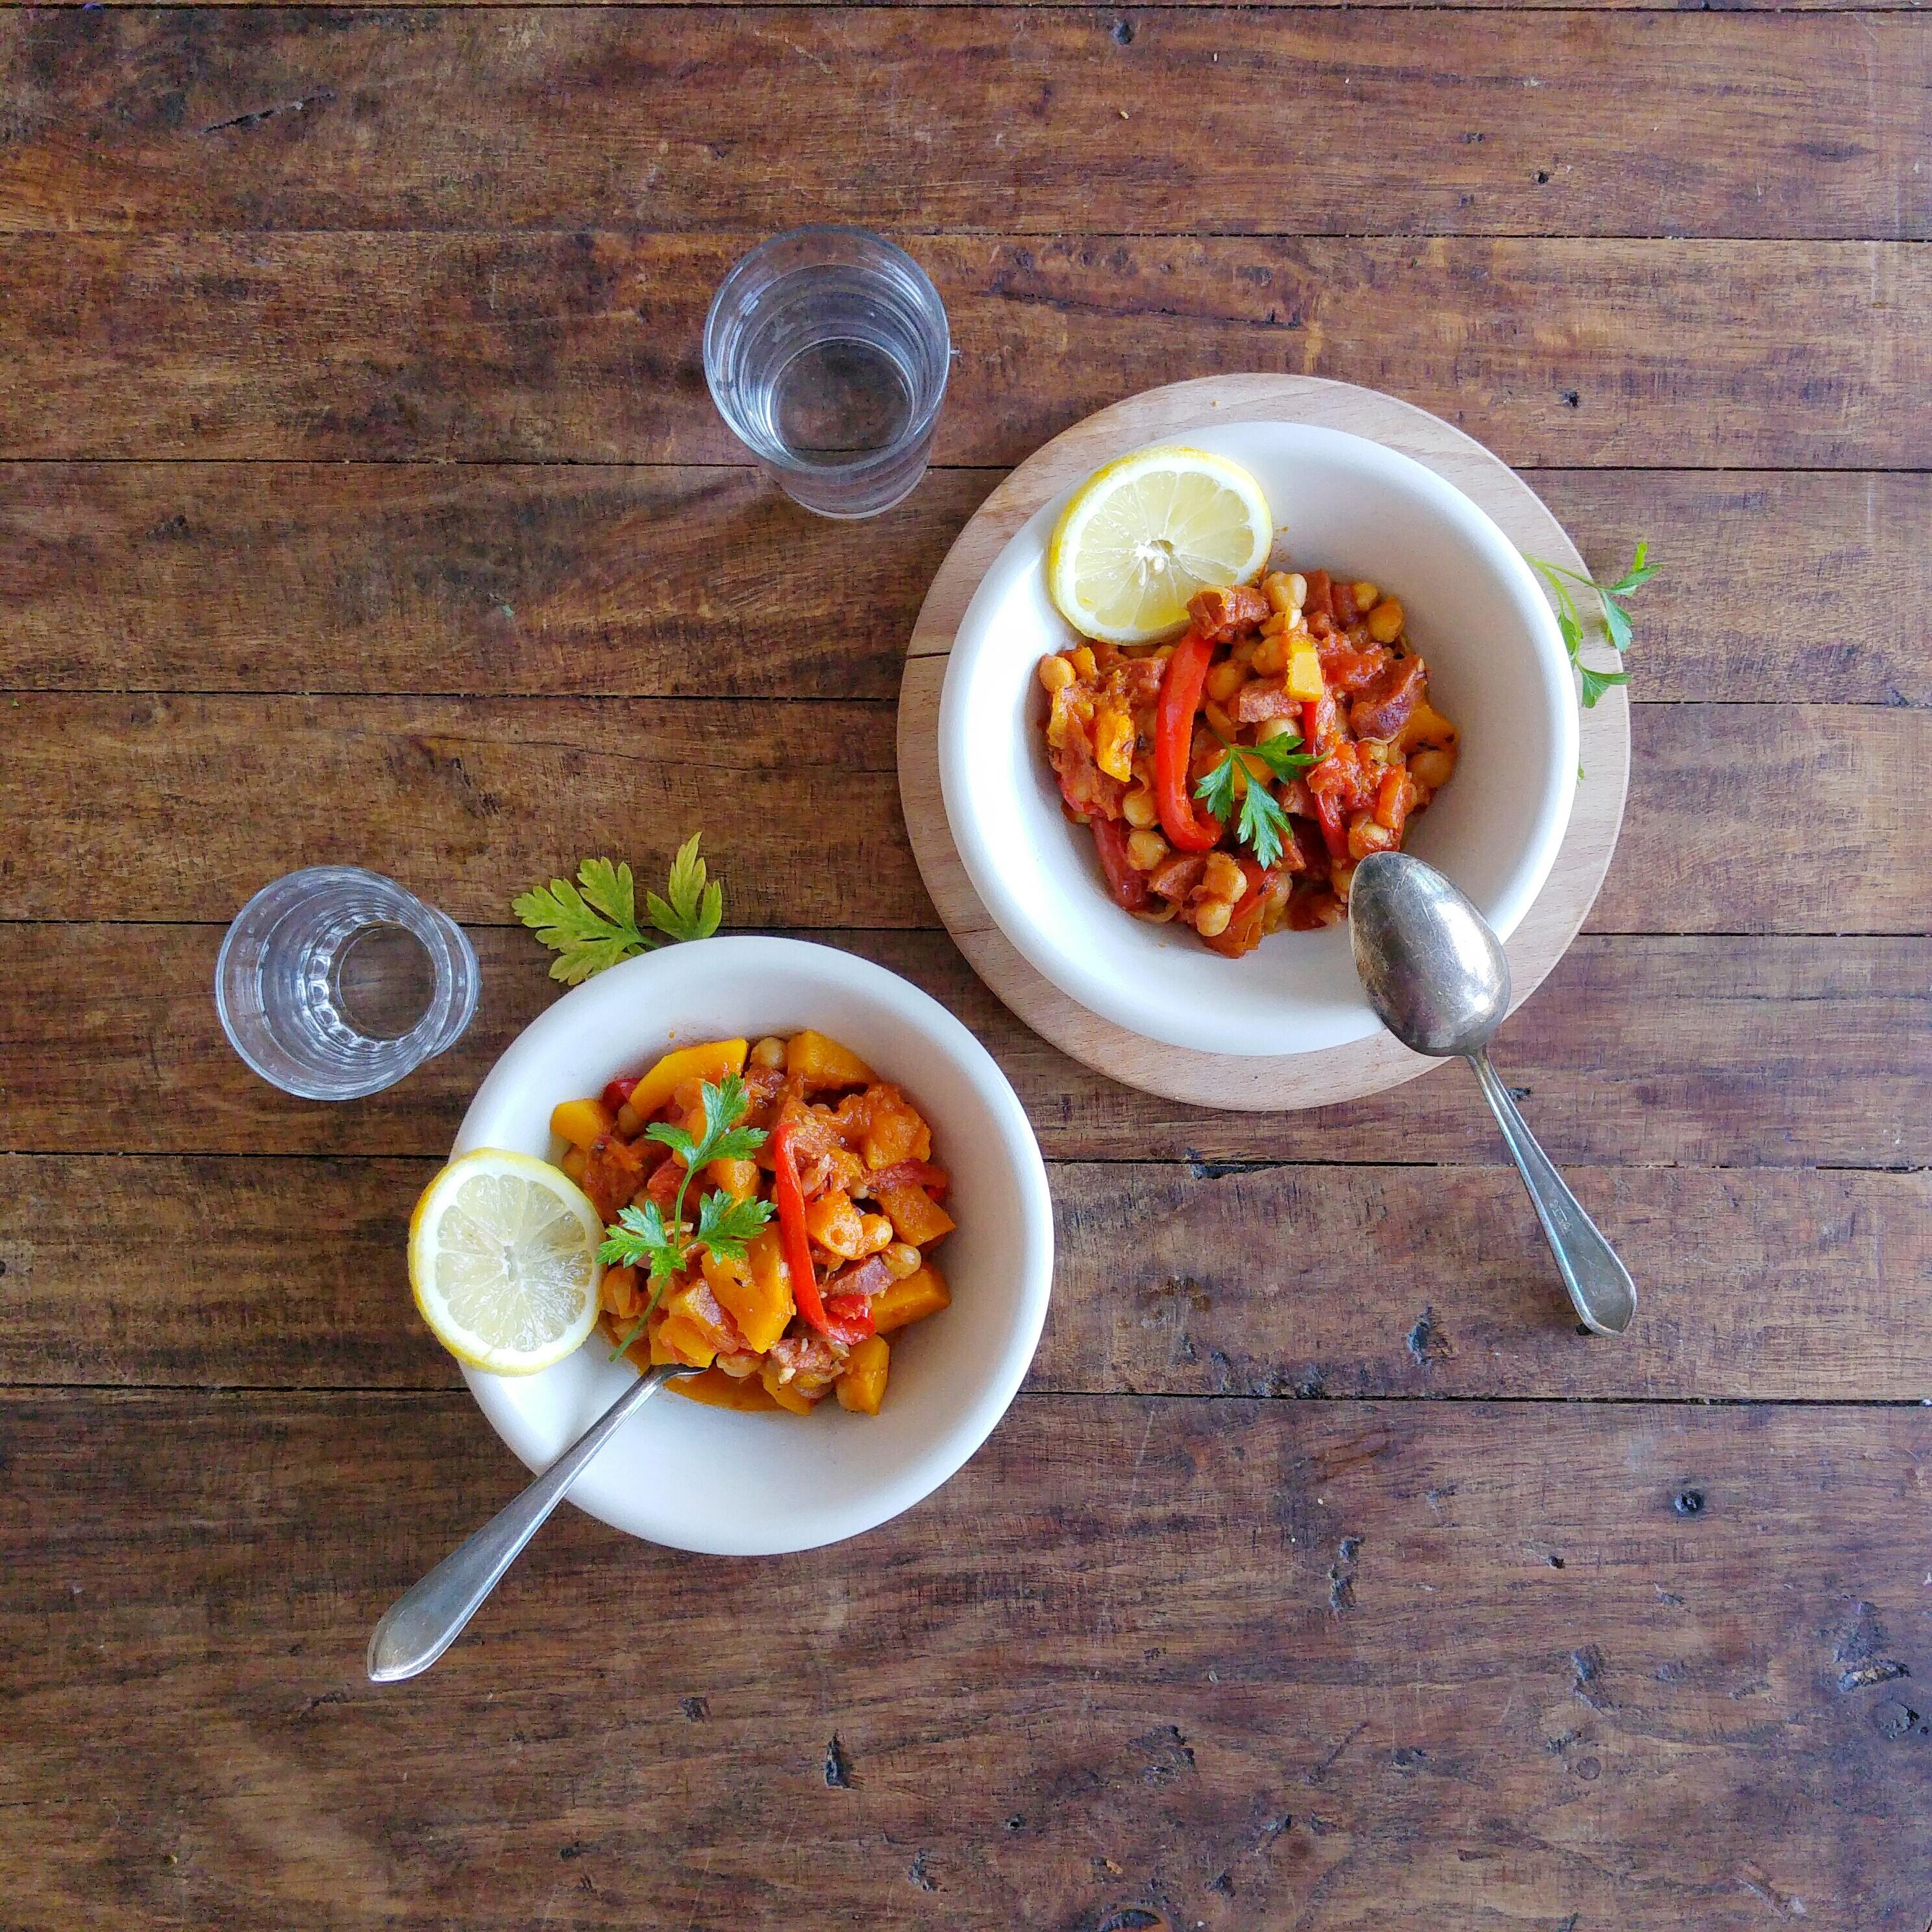 ggggroente-spaanse-pompoen-tomaat-stoof-schotel-af.jpeg